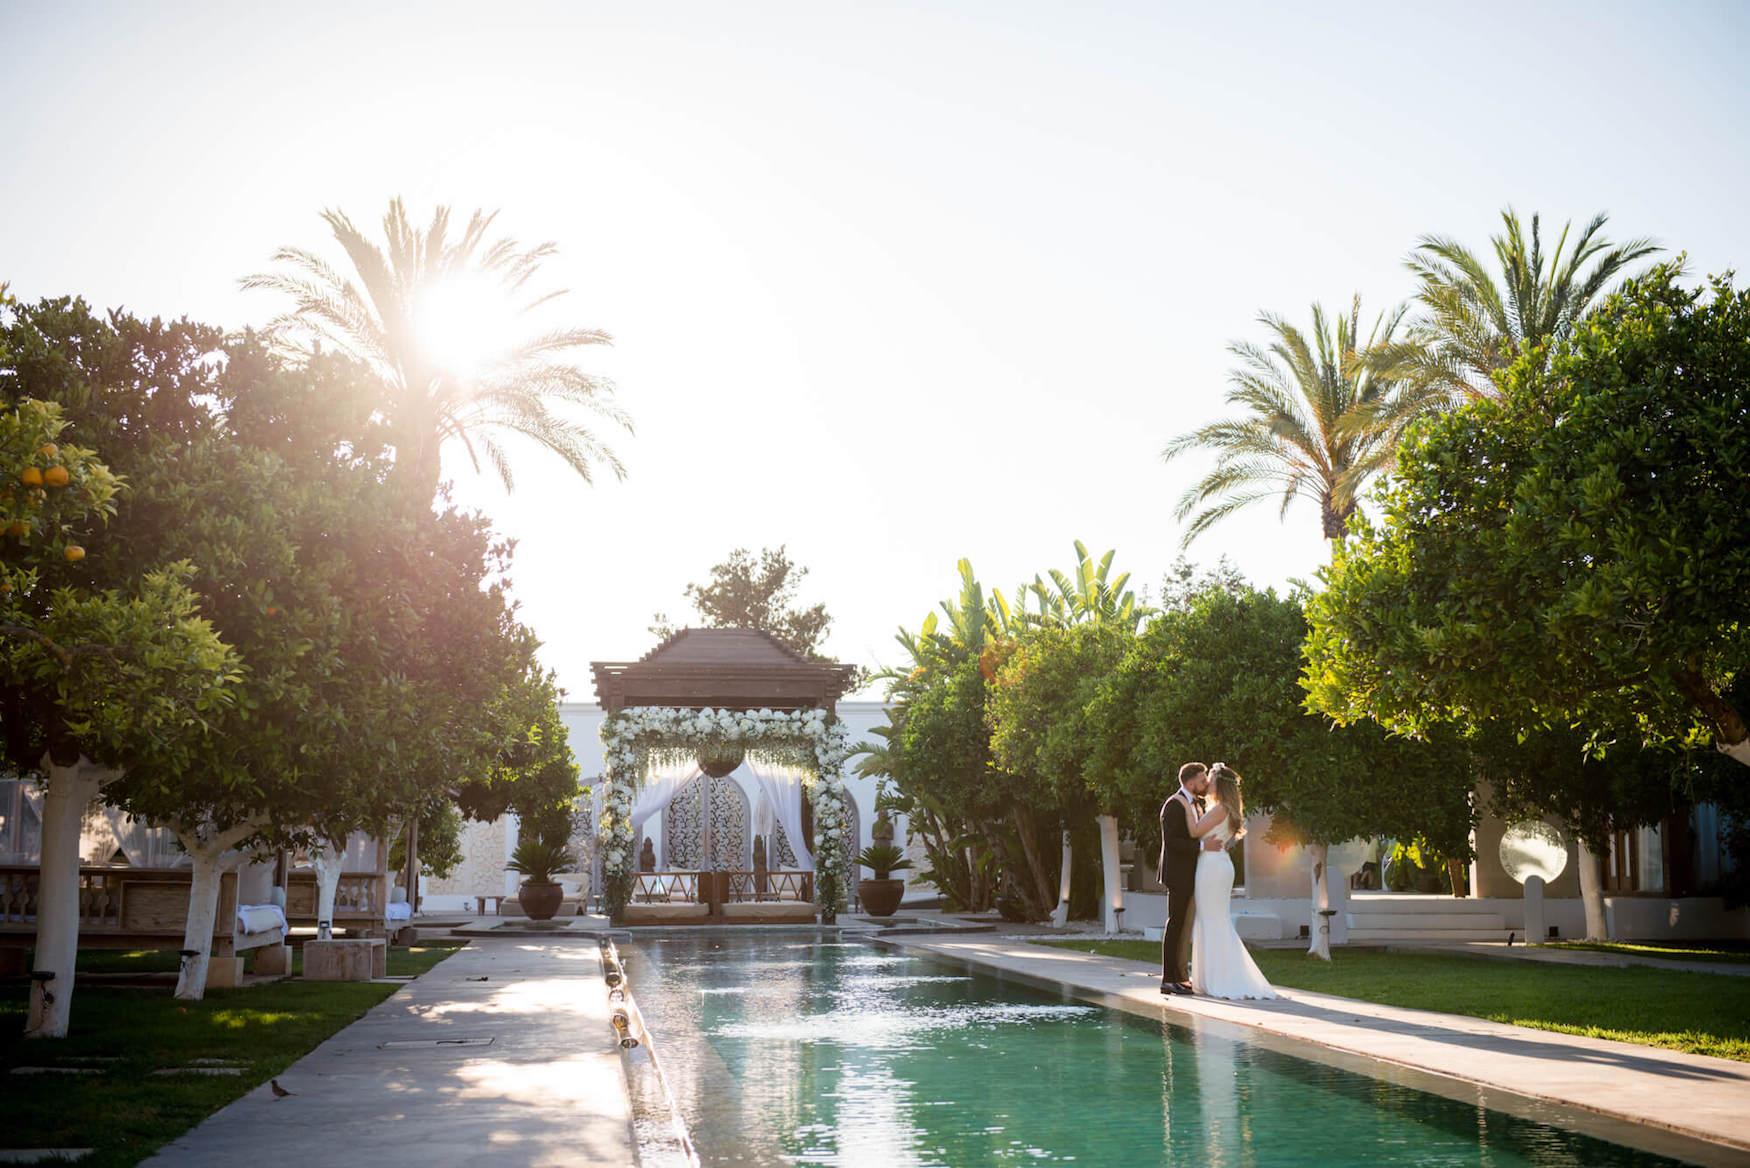 poolside kiss bride groom weding flower arch